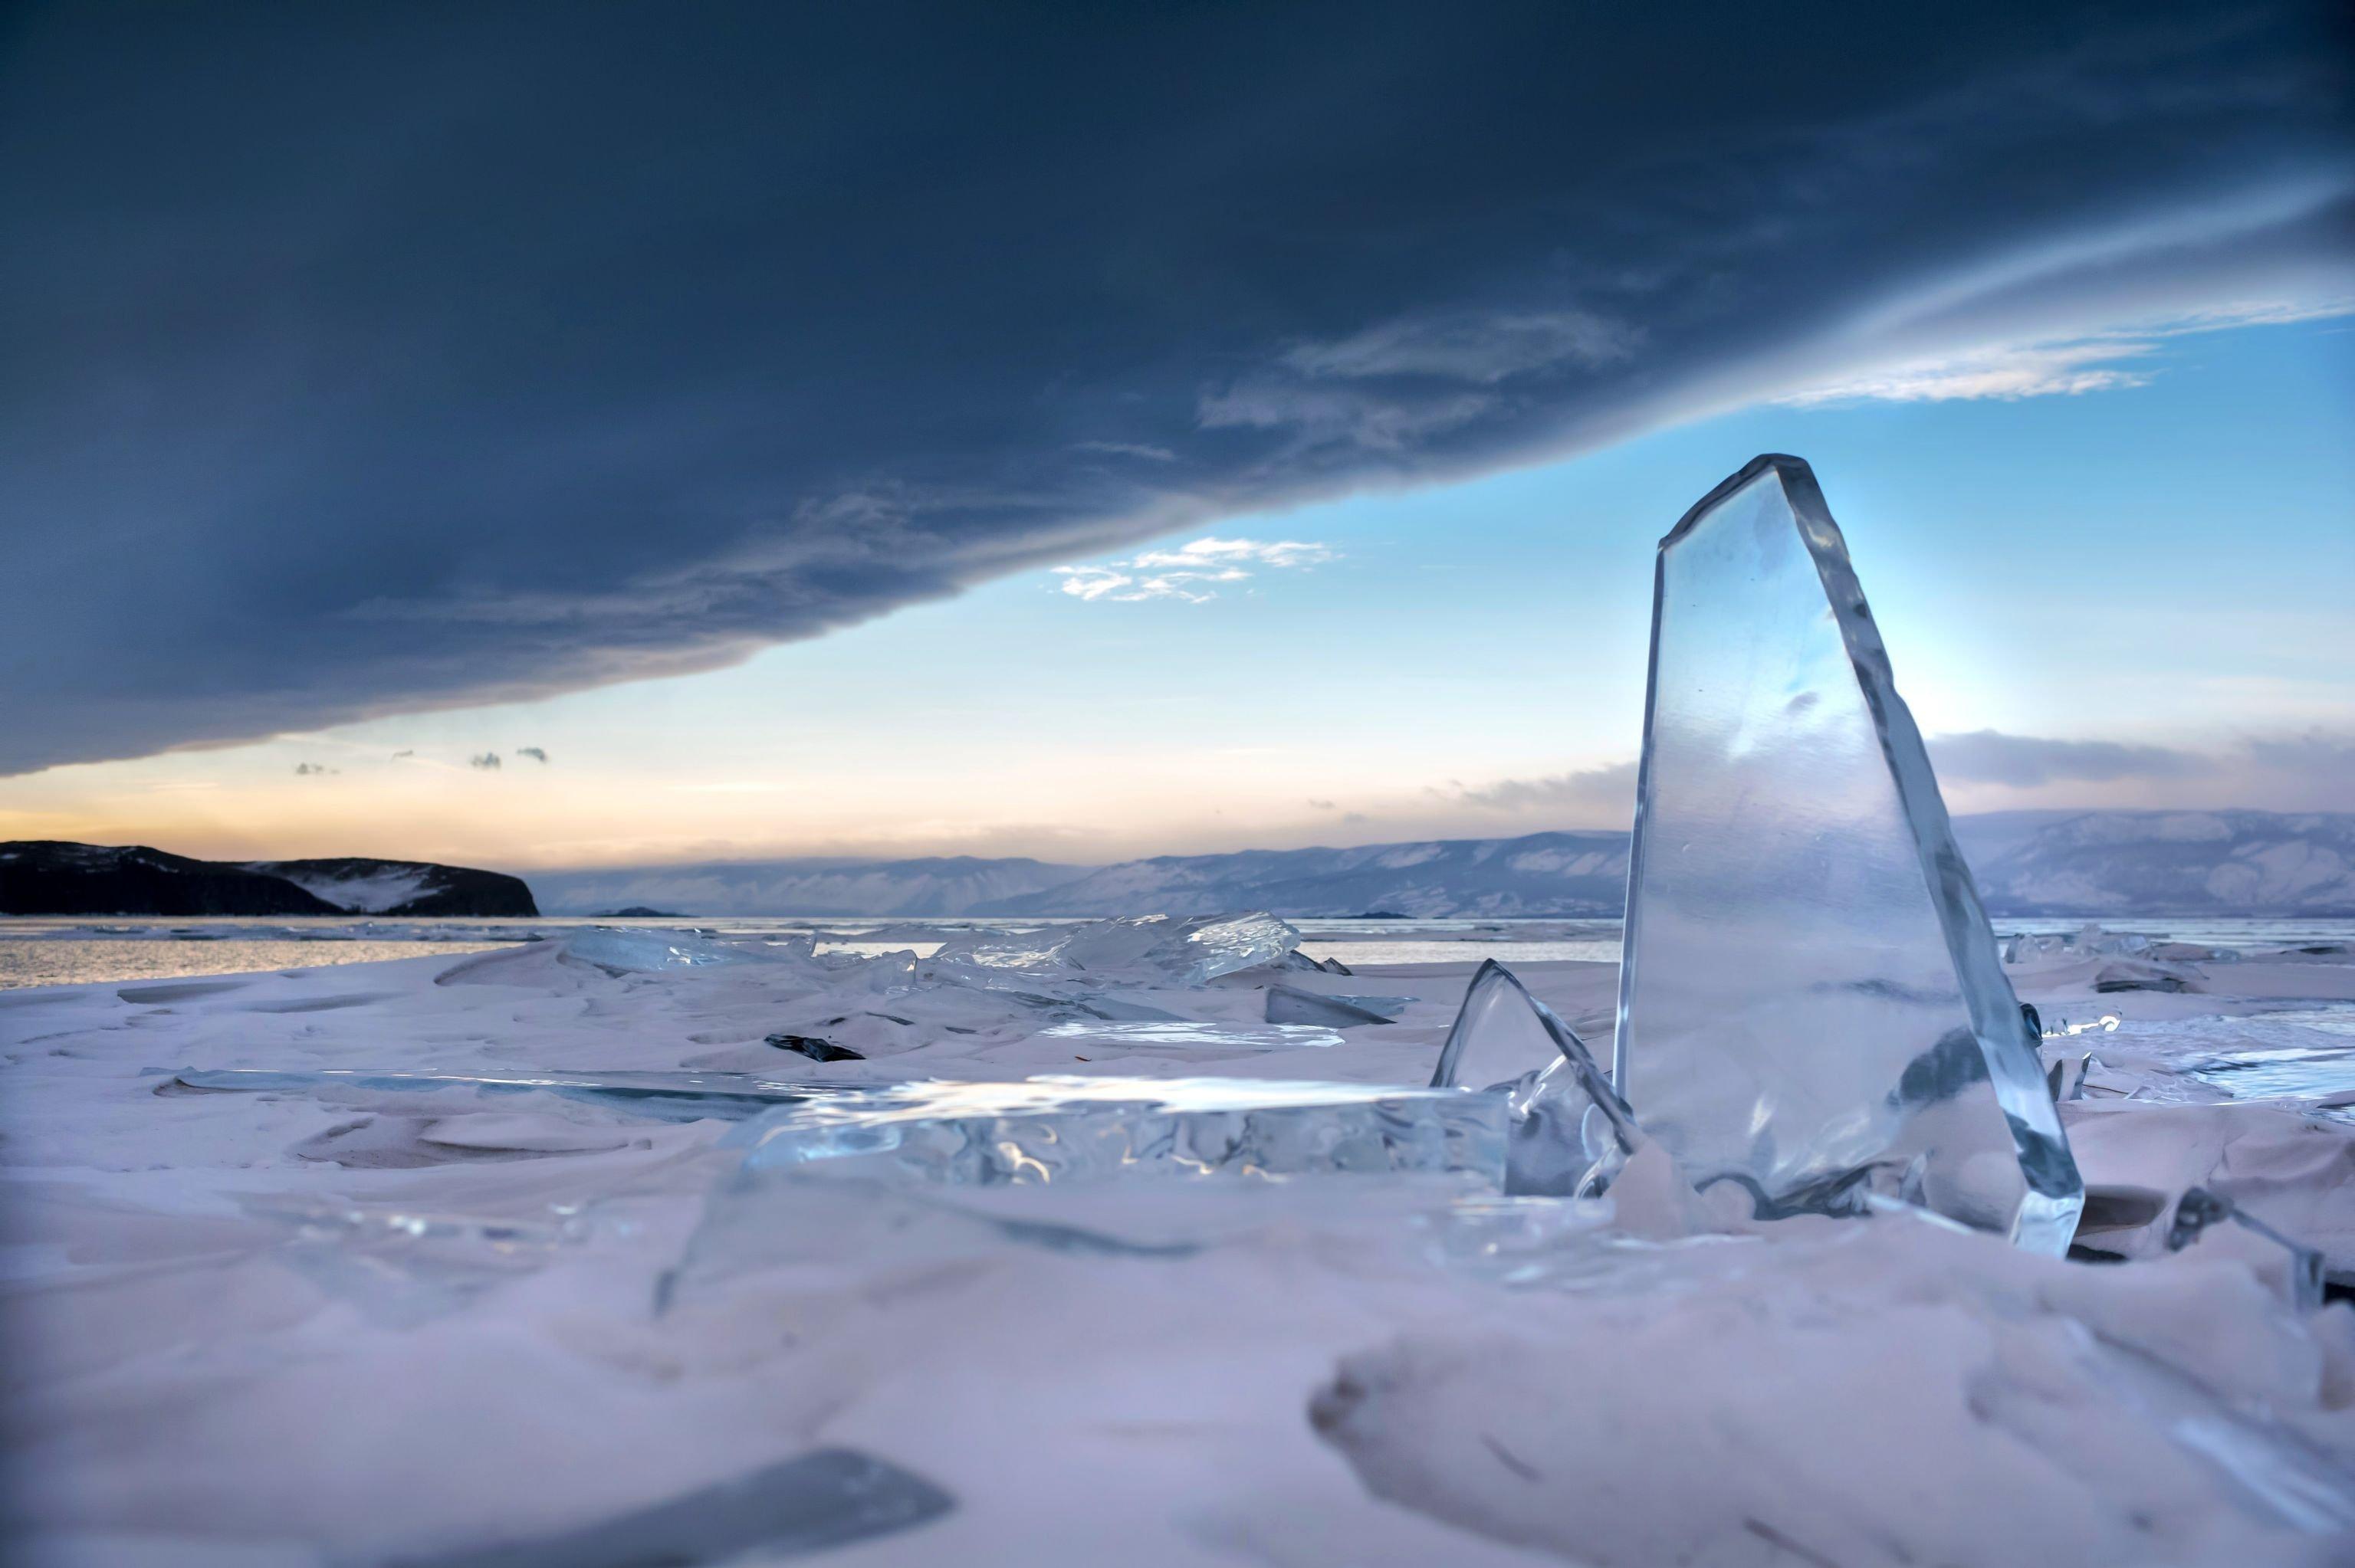 En invierno, Baikal no solo se convierte en la pista de patinaje más grande del mundo, sino también en un espejo decorado con fracturas sofisticadas.